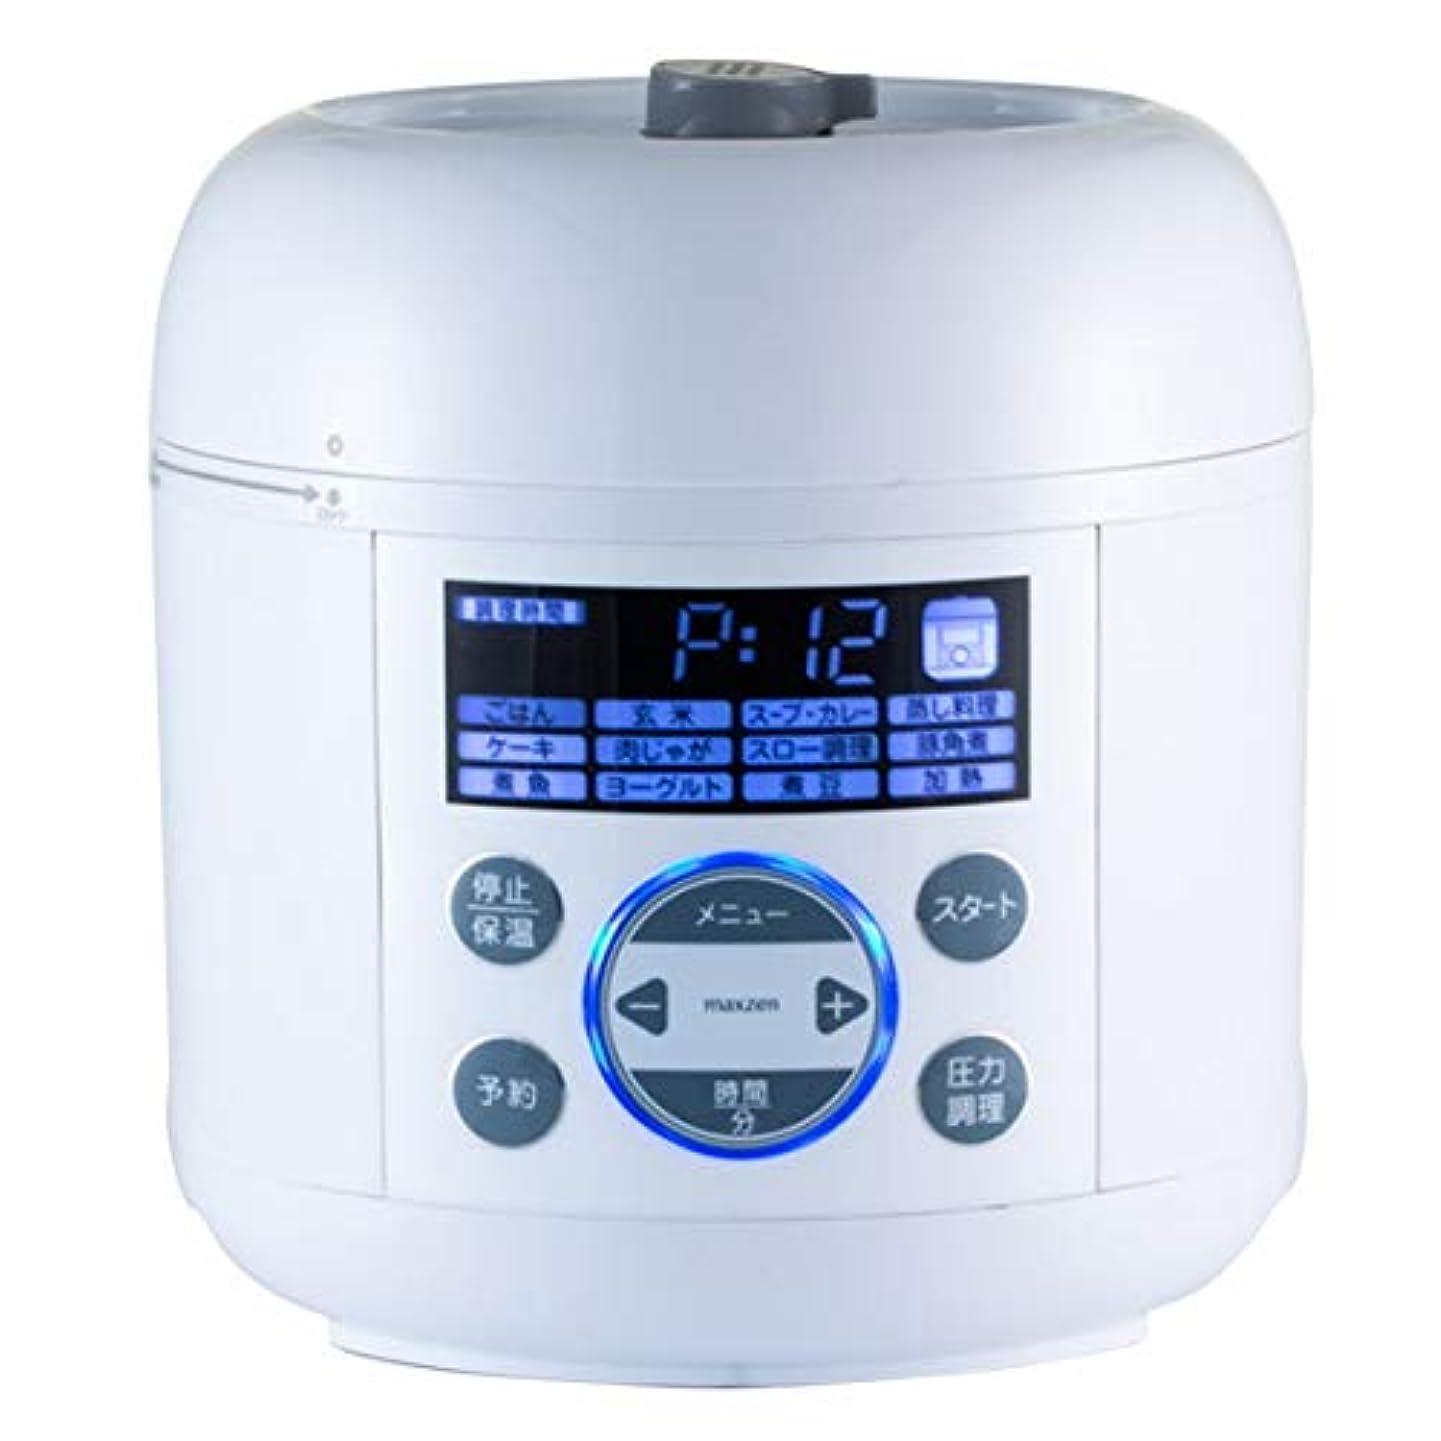 好む液化するホイップ炊飯器 圧力炊飯器 電気圧力鍋 3合 一人暮らし ひとり暮らし maxzen マクスゼン レシピ本付き 圧力調理 蒸し調理 炊飯 ヨーグルト 発芽玄米 無水調理 スロー調理 マイコン 1台6役 電気圧力なべ コンパクト ホワイト 簡単操作 保温 時短 PCE-MX301-WH